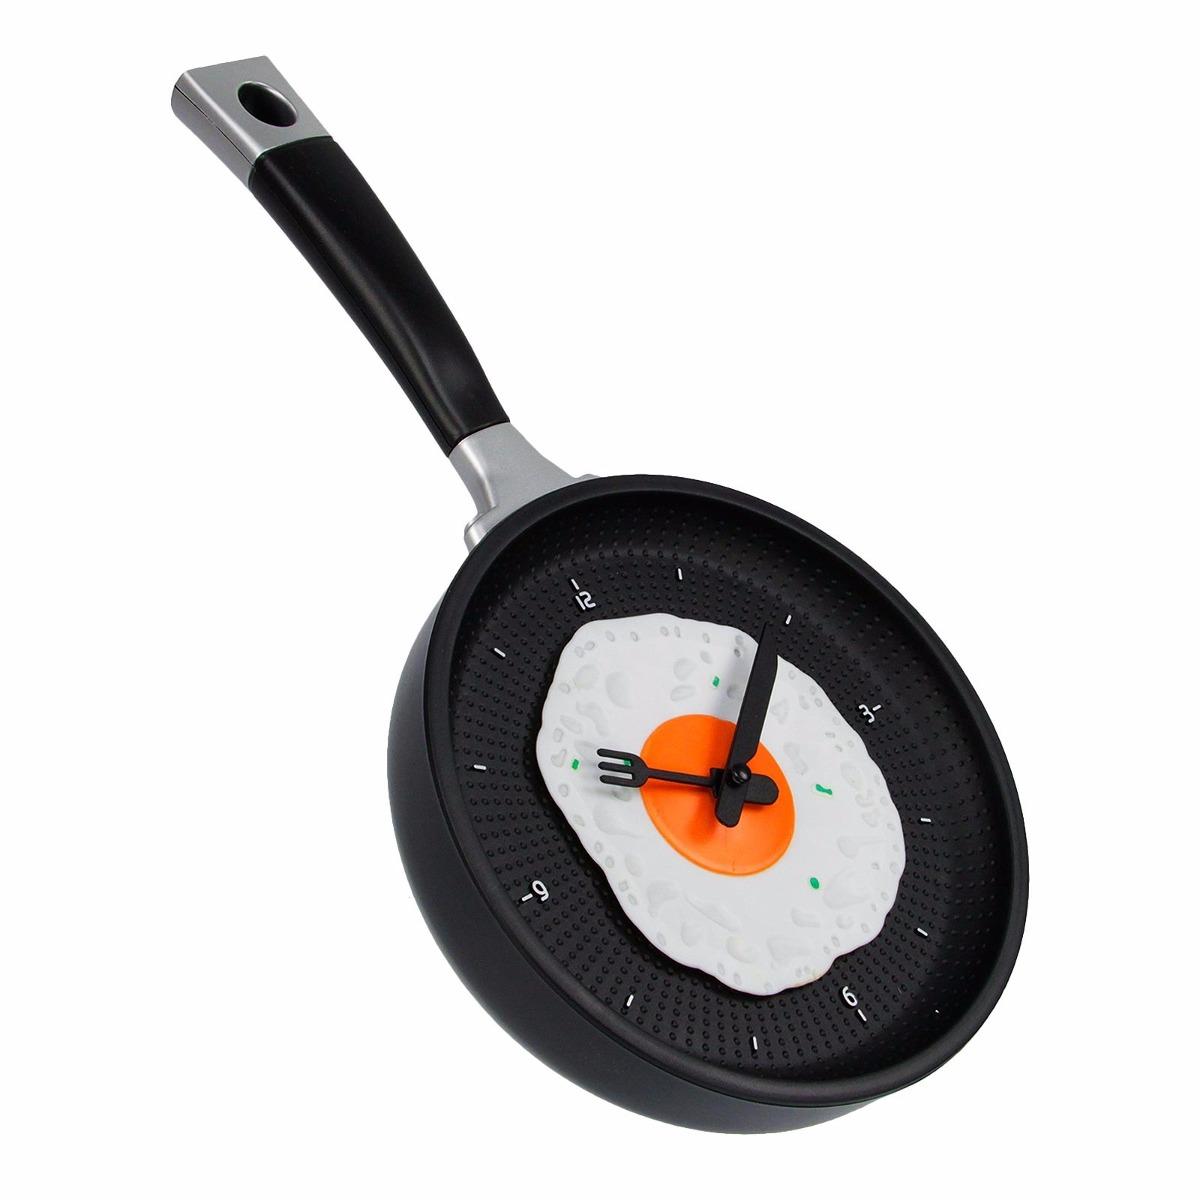 Reloj de pared para cocina dise o sarten con huevo en mercado libre - Relojes de cocina modernos ...